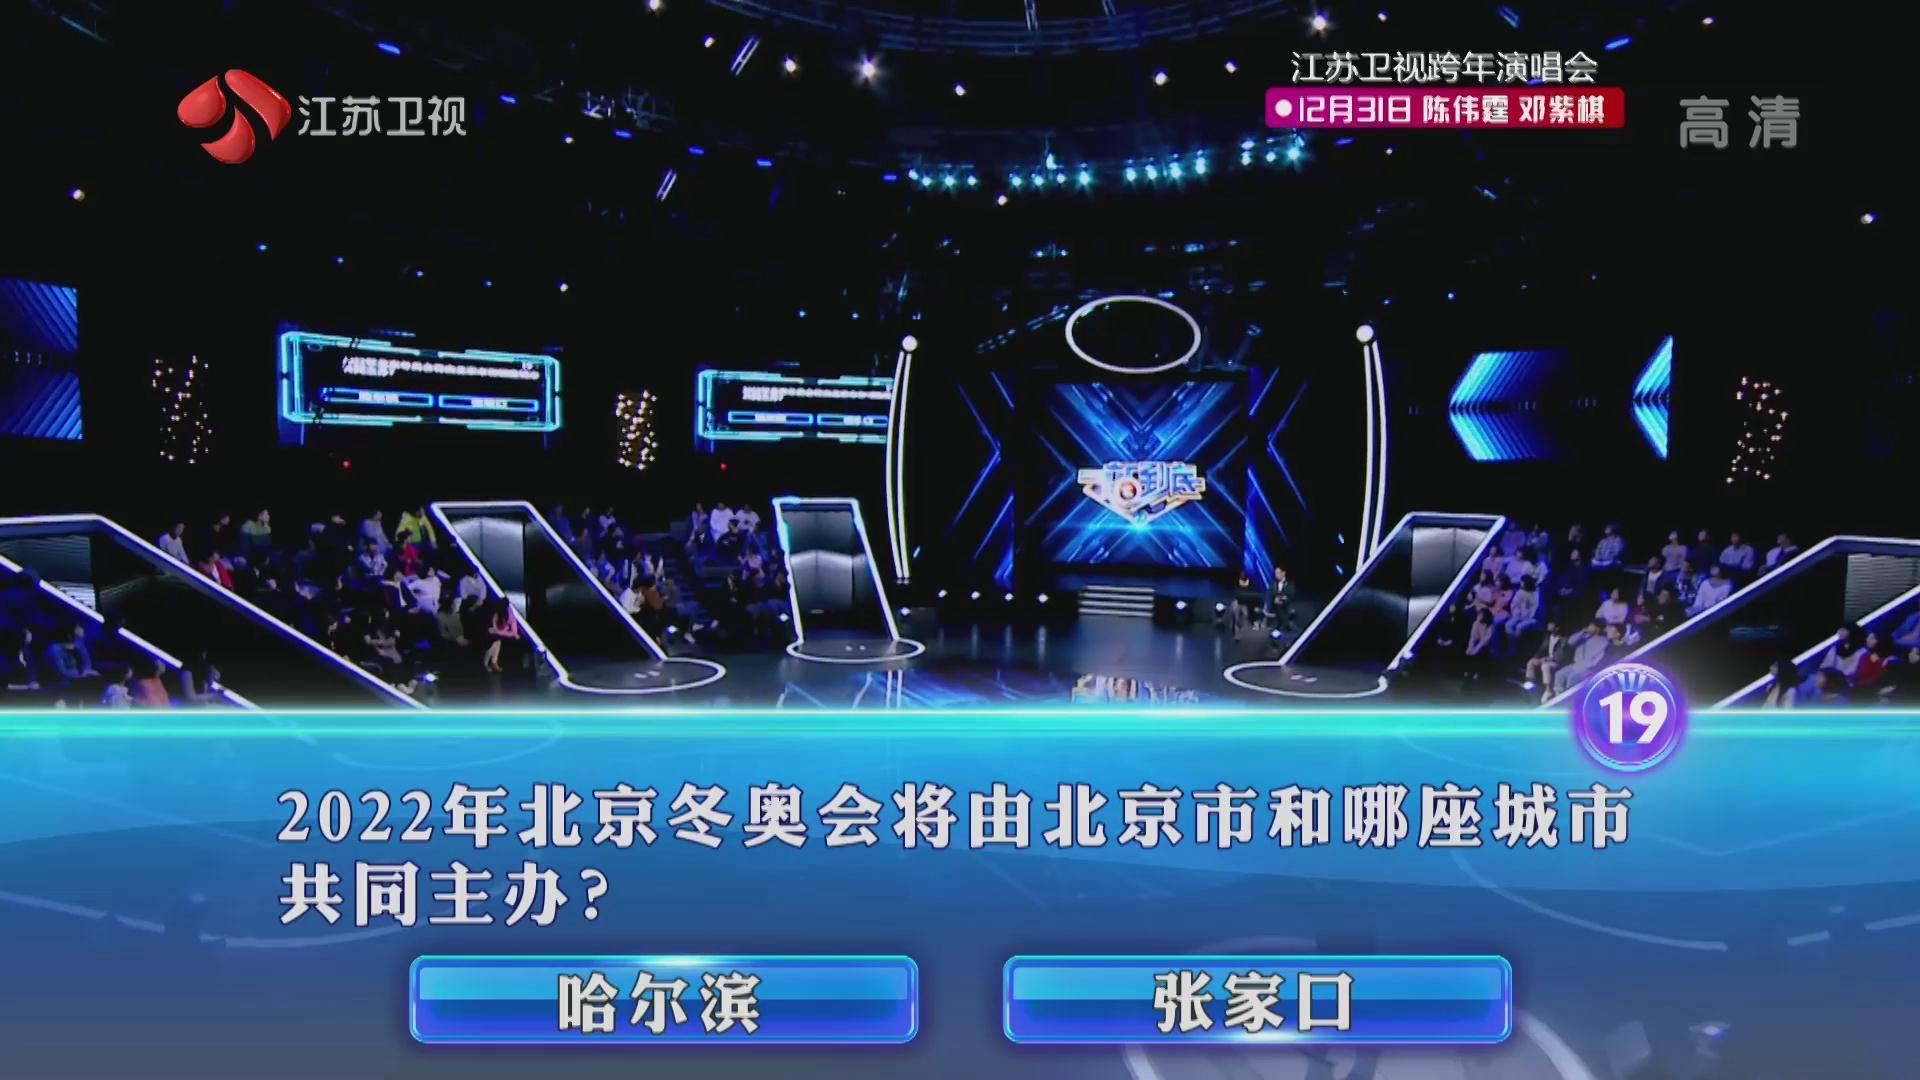 一站到底:2022年北京冬奥会将由北京和哪座城市共同举办?